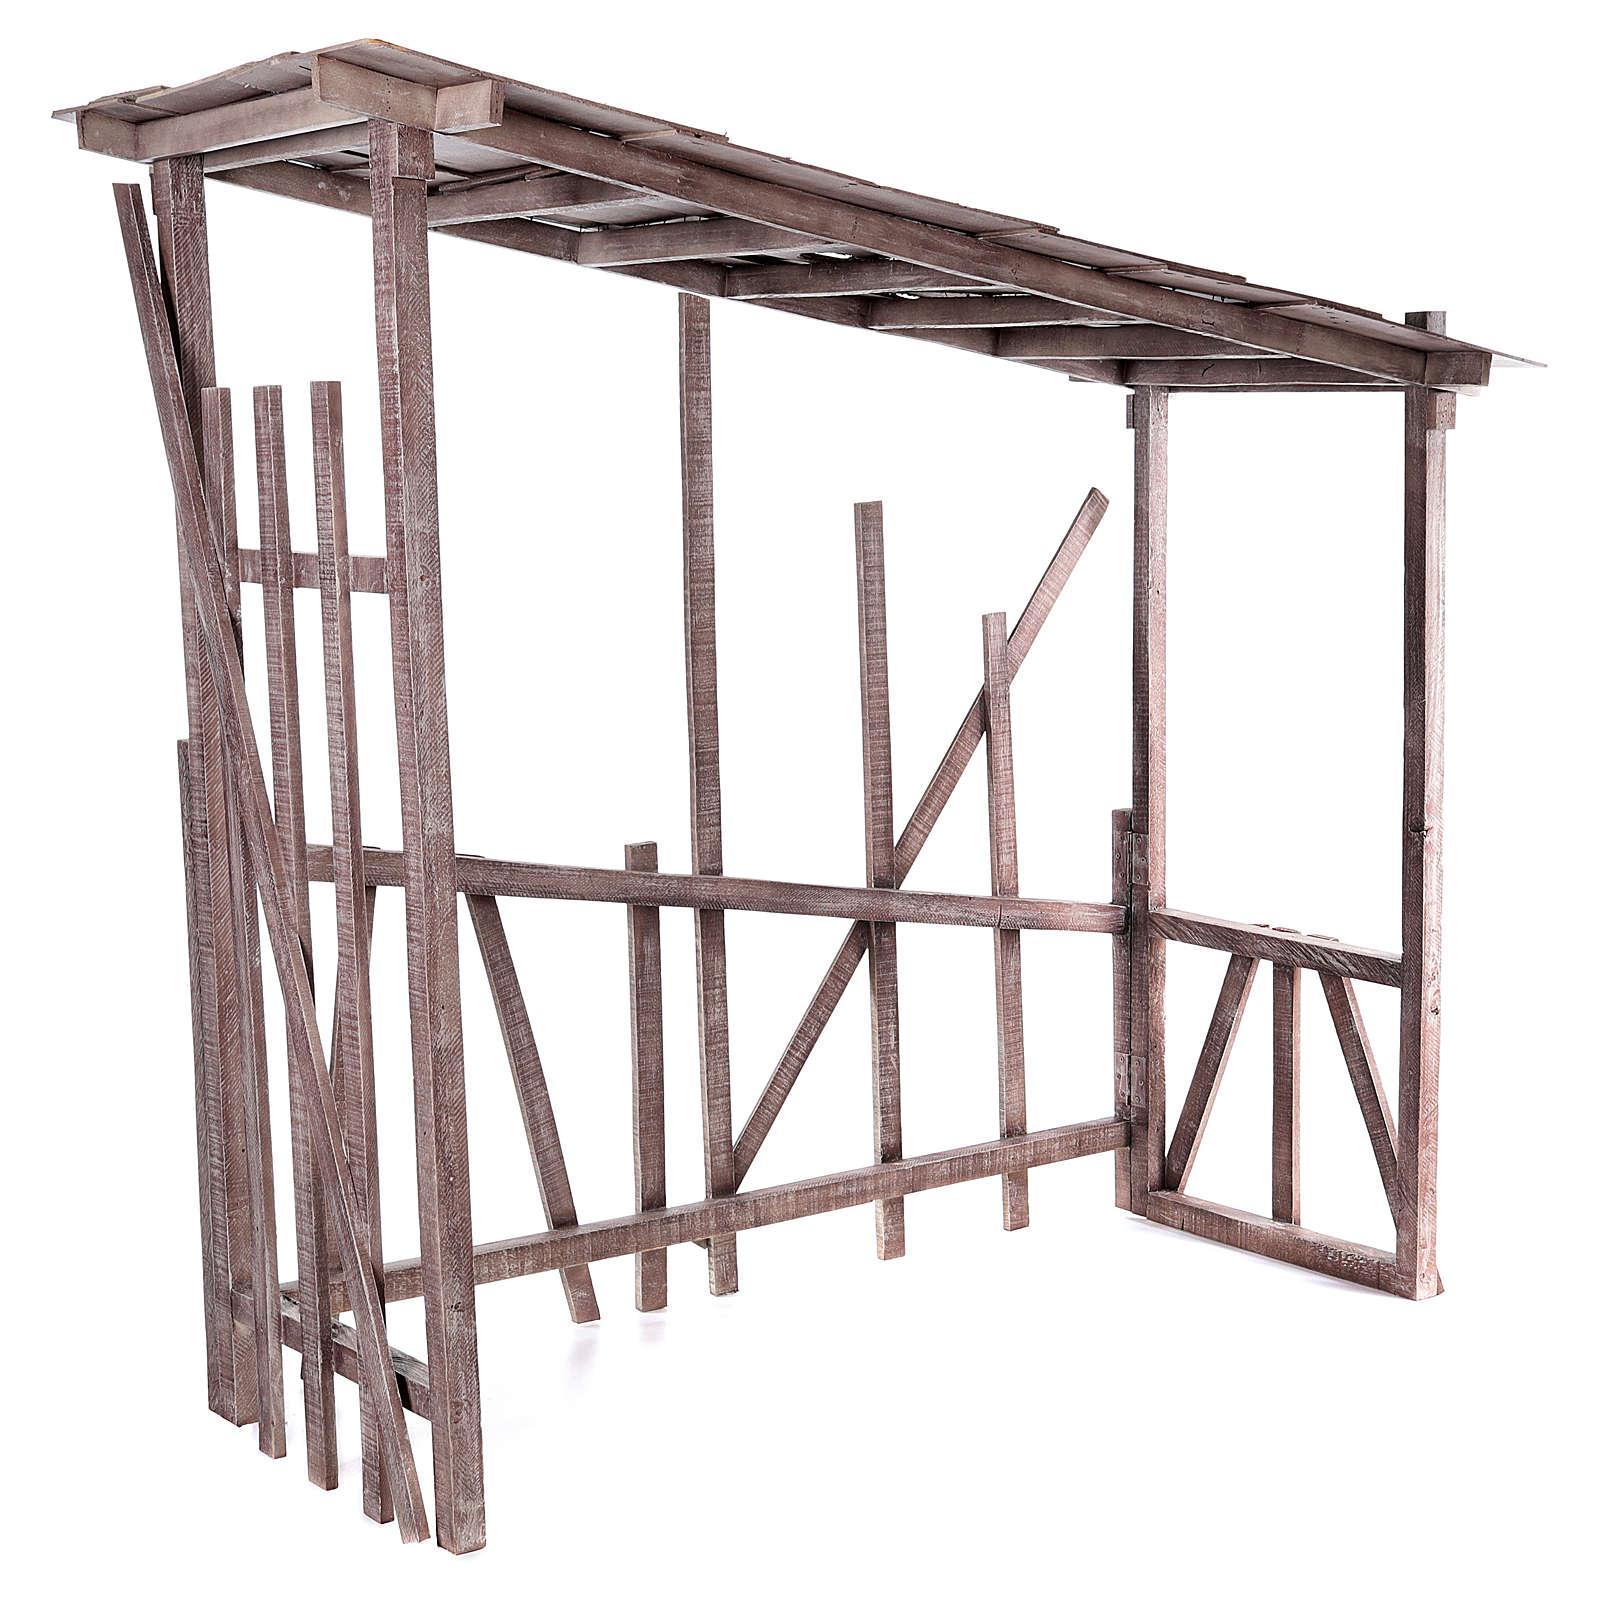 Cabaña madera desmontable 150x150x55 cm belén 120 cm 4